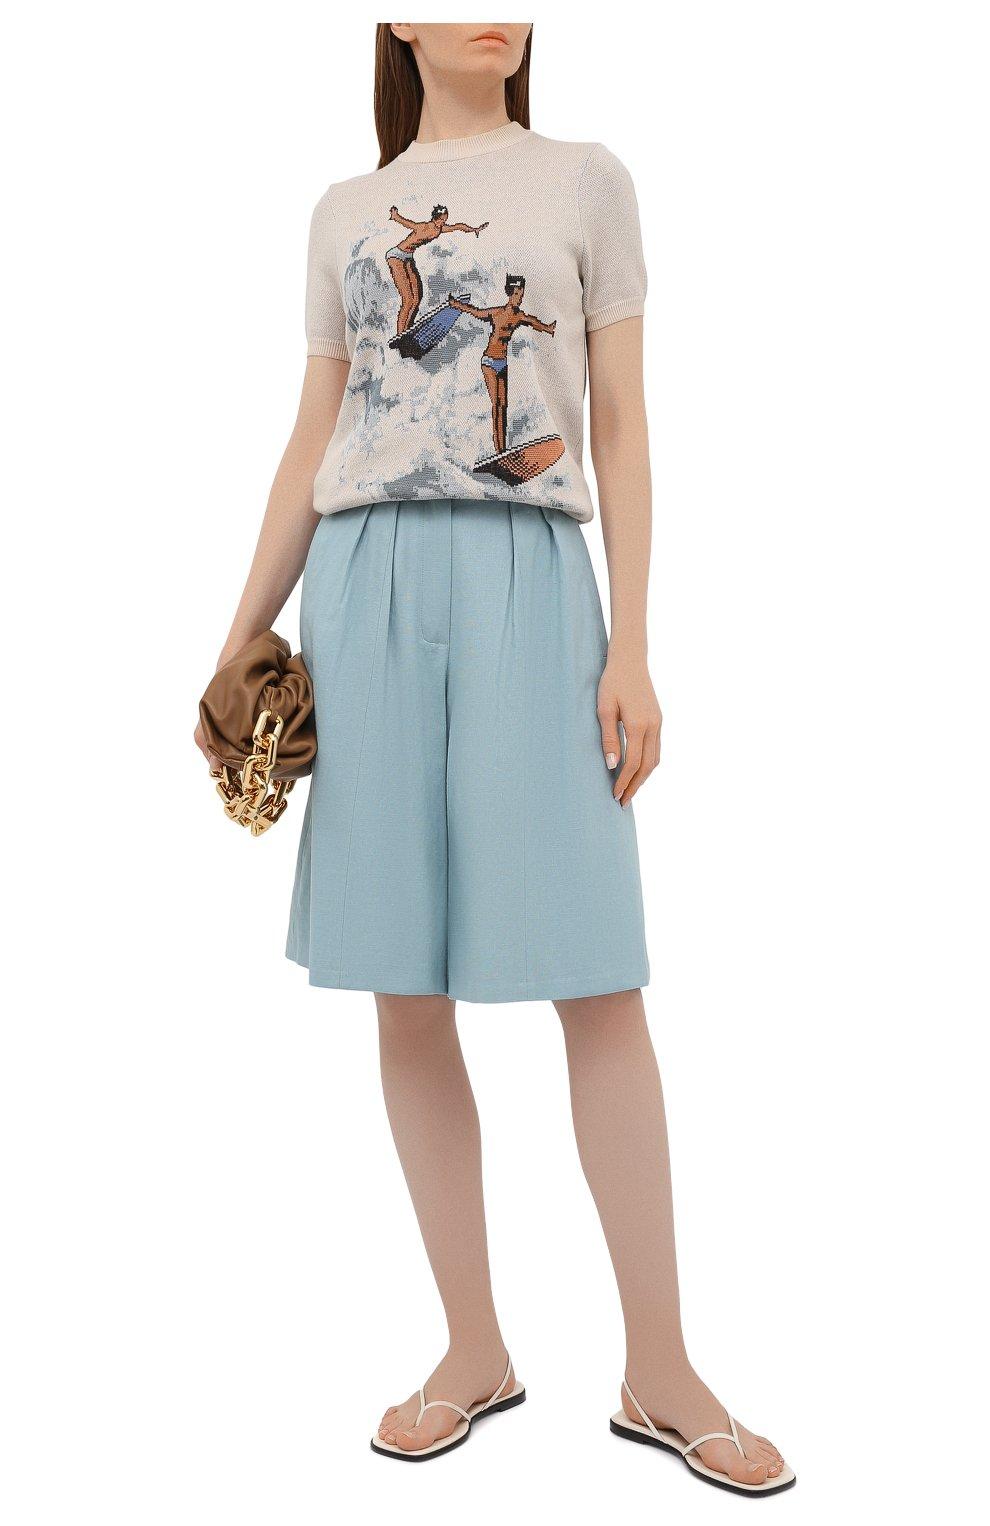 Женские шорты из льна и хлопка LESYANEBO бирюзового цвета, арт. SS21/Н-469/L_1   Фото 2 (Женское Кросс-КТ: Шорты-одежда; Кросс-КТ: Широкие; Материал внешний: Хлопок, Лен; Длина Ж (юбки, платья, шорты): До колена; Стили: Романтичный)